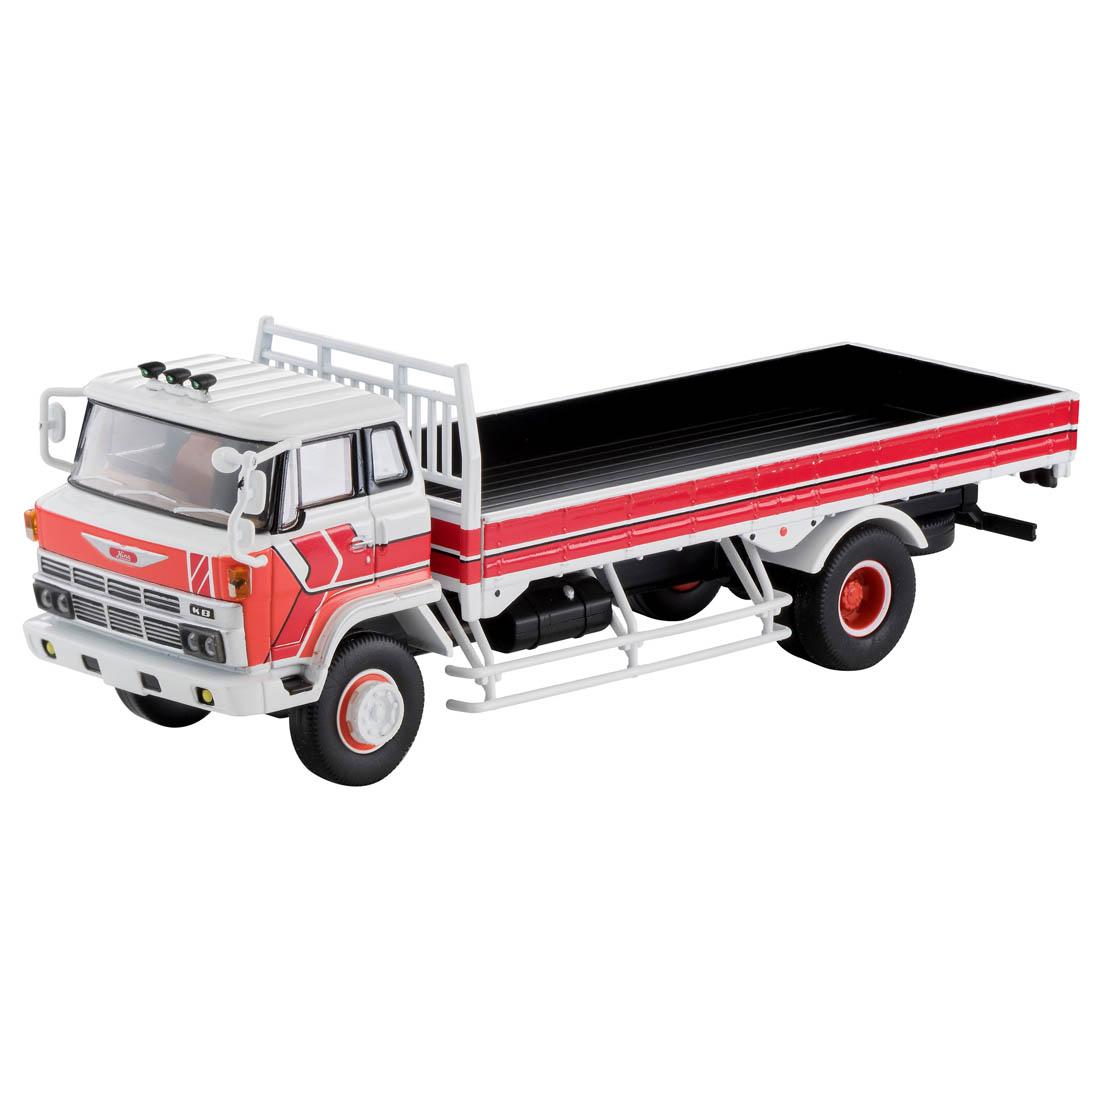 トミカリミテッド ヴィンテージ ネオ TLV-NEO『LV-N44d 日野KB324型トラック(赤/白)』ミニカー-001